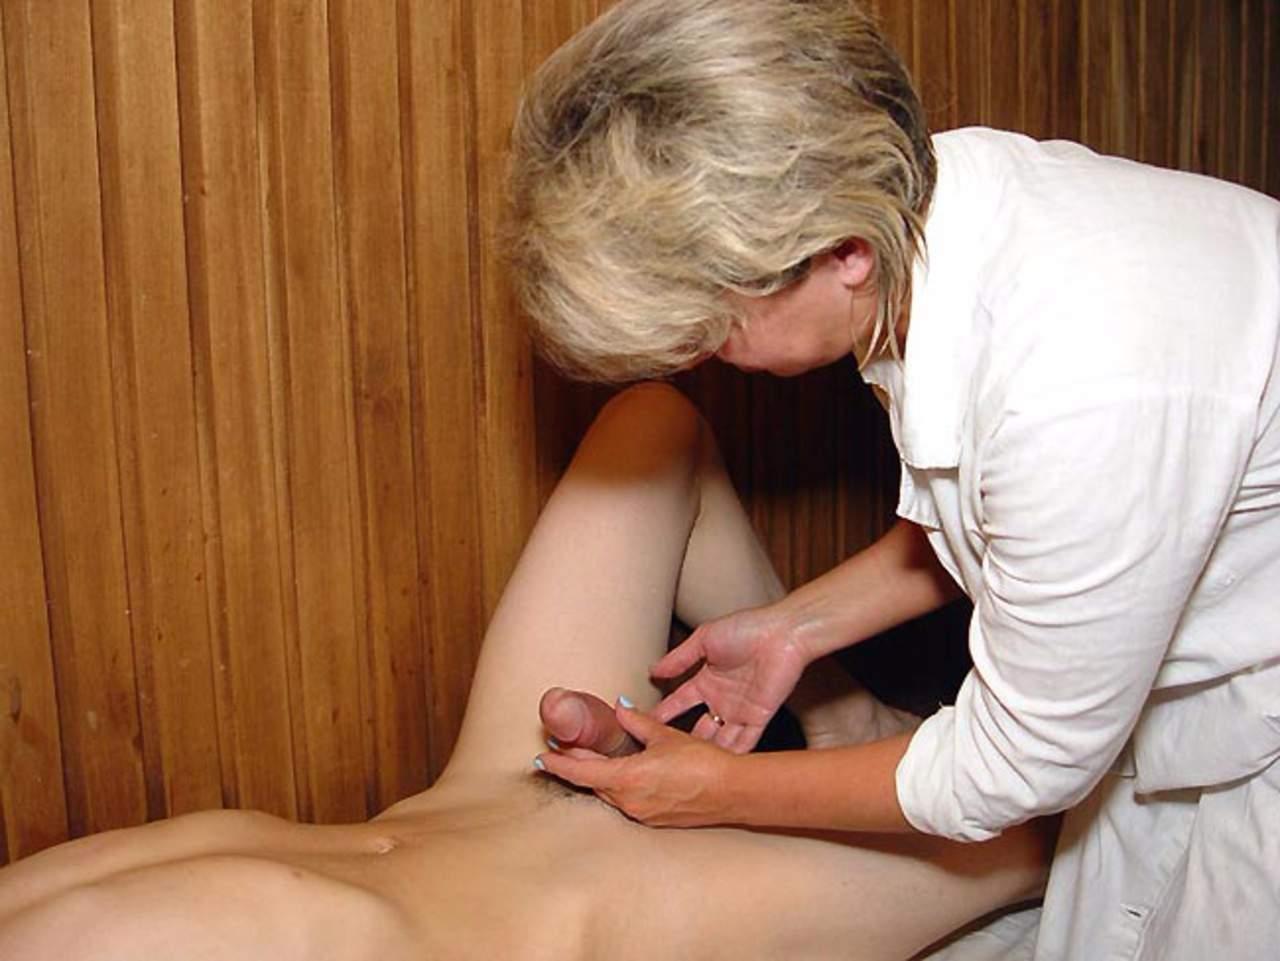 Соглашусь вашей зрелые женщины на массаже